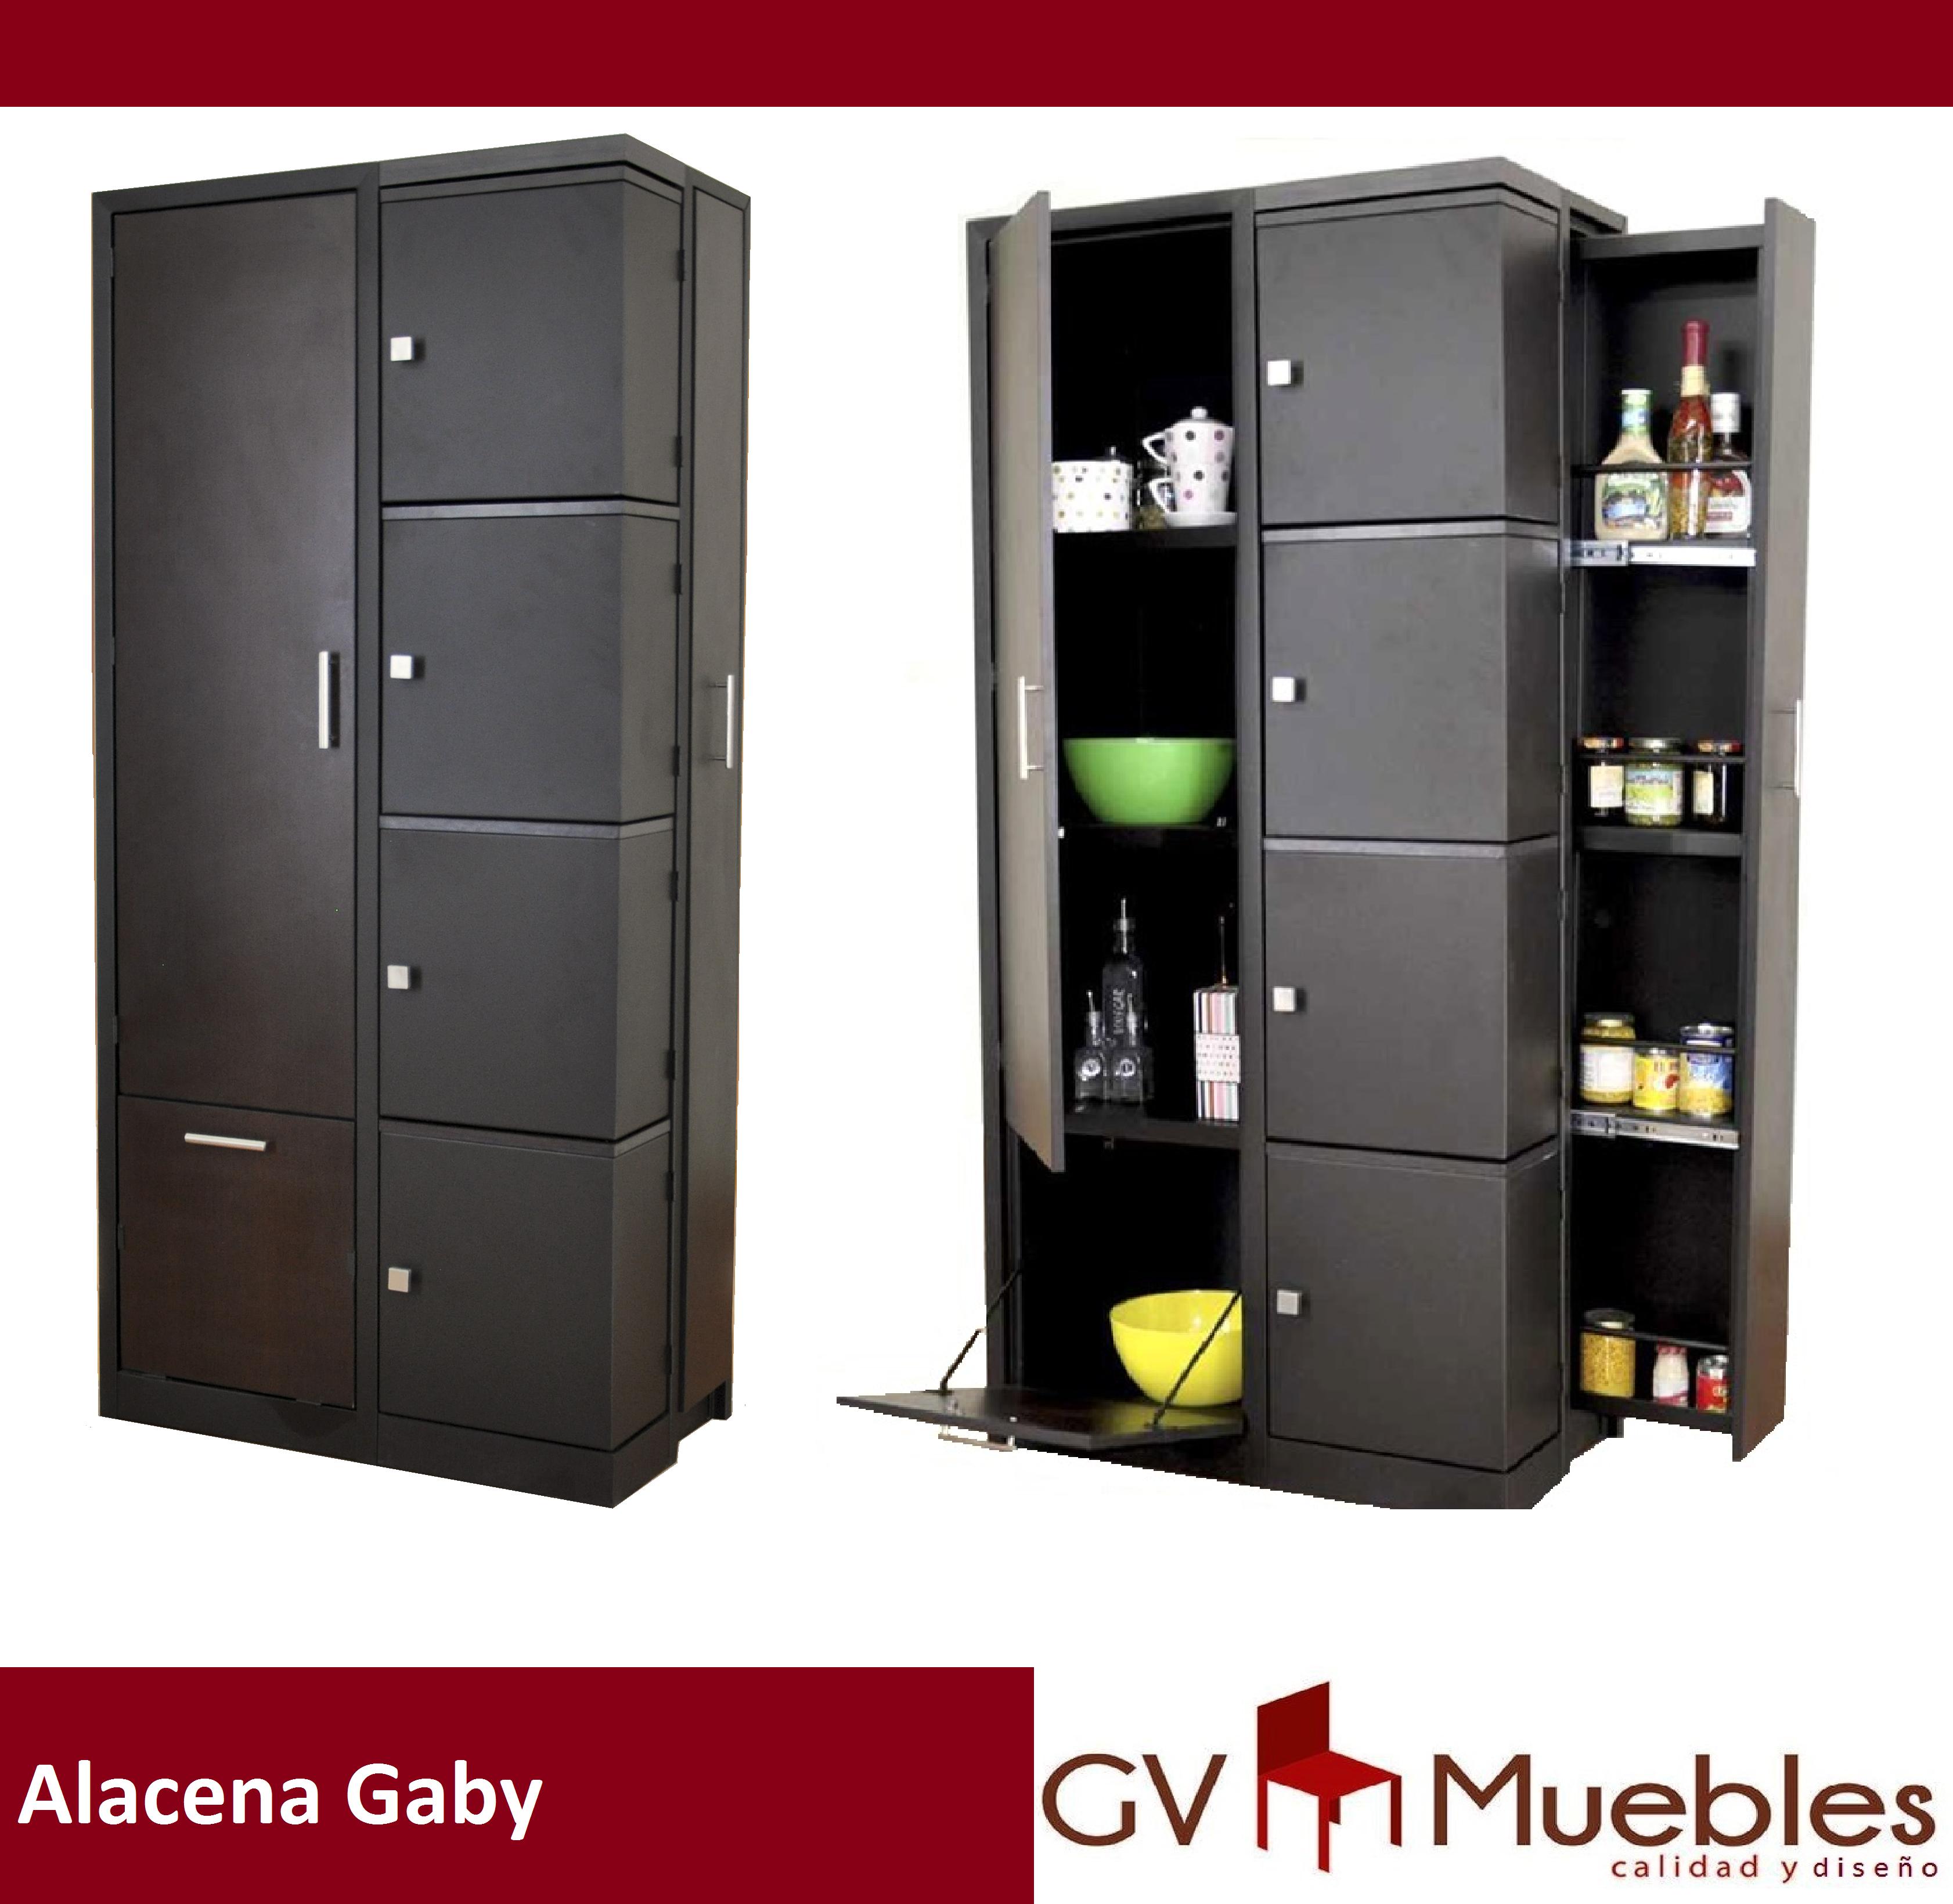 Alacena Gaby Chocolate